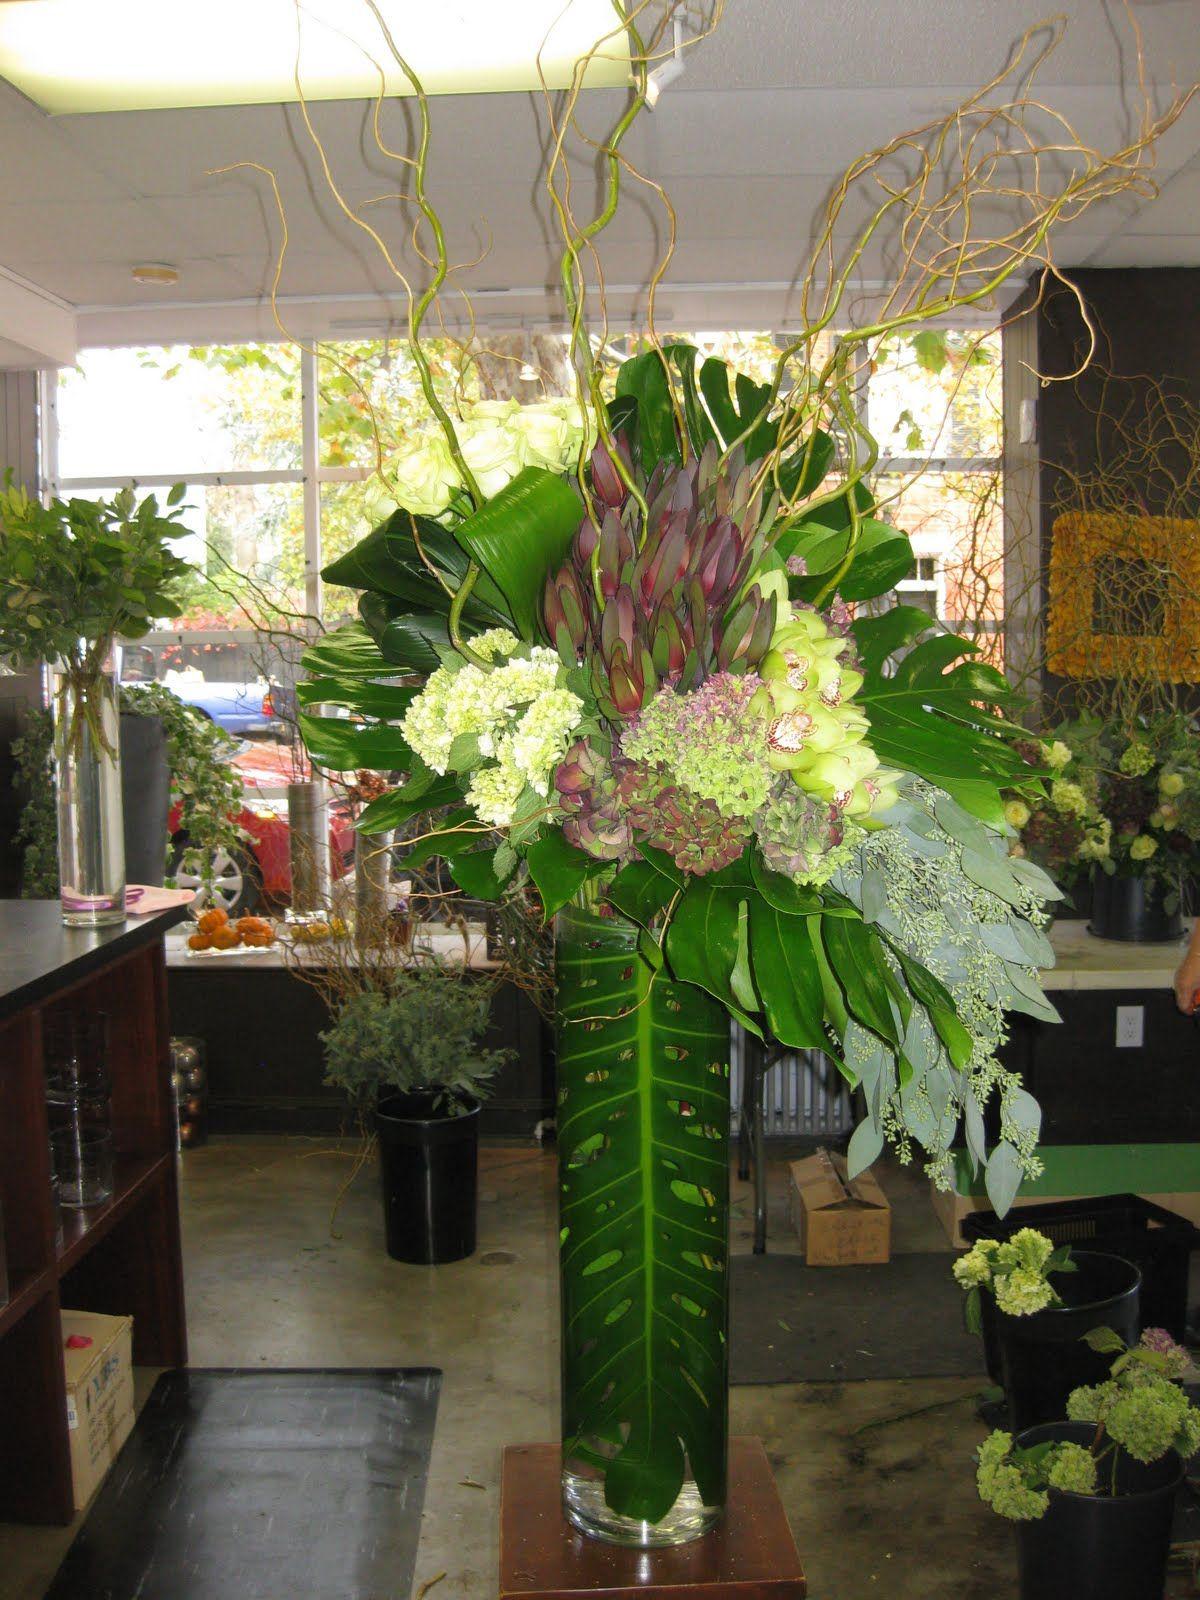 36 Flower Arrangement Ideas to Brighten Any Occasion